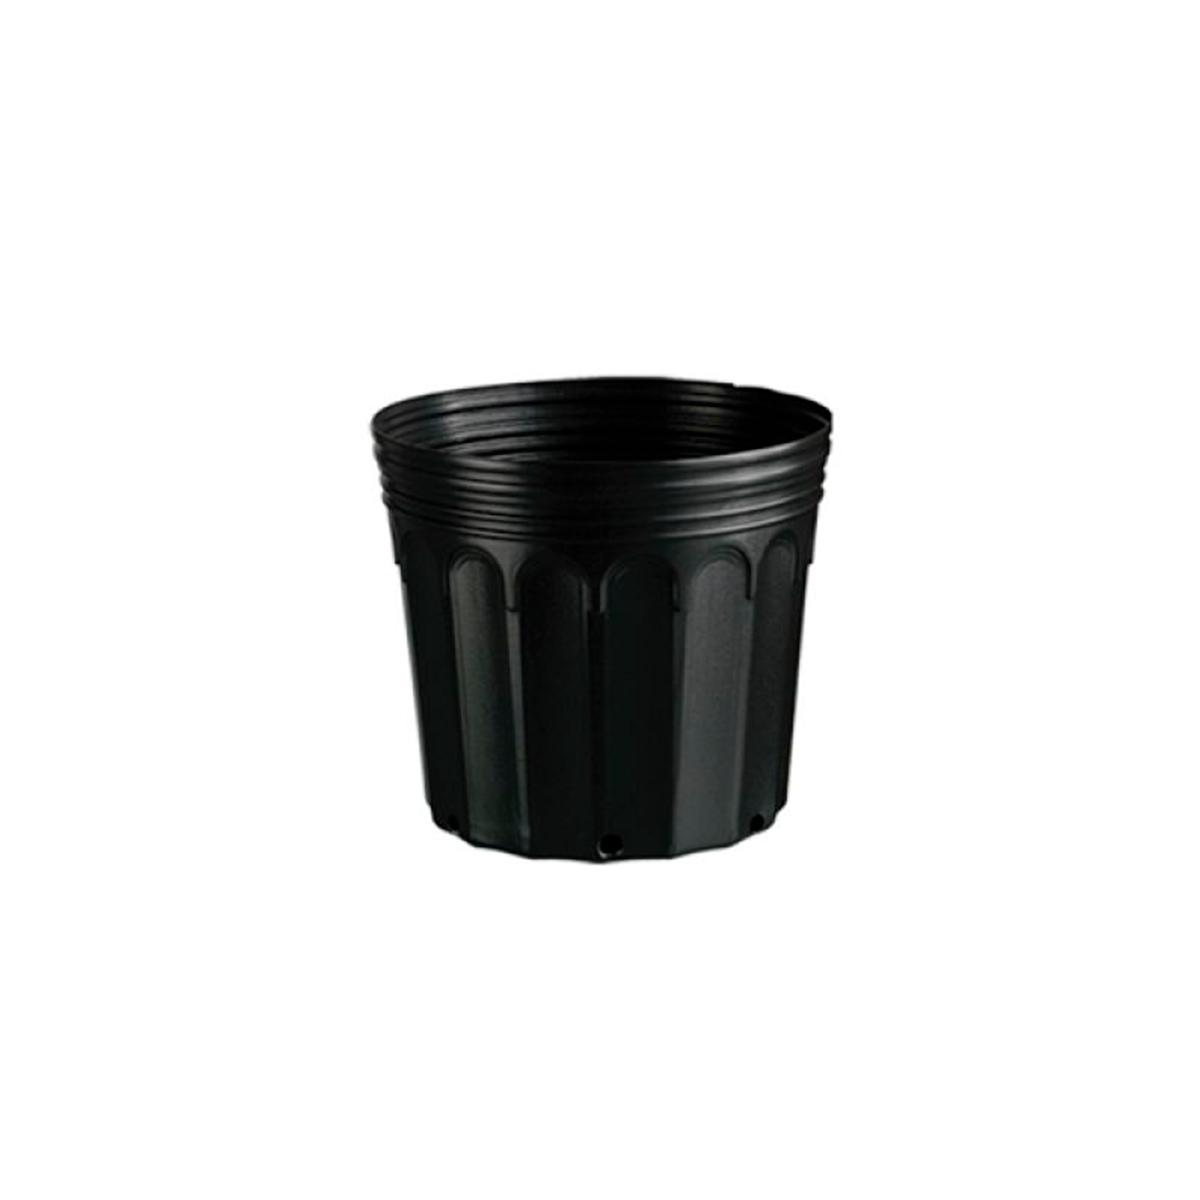 Kit com 30 Embalagem para Mudas Vaso Sem Alça 11 Litros